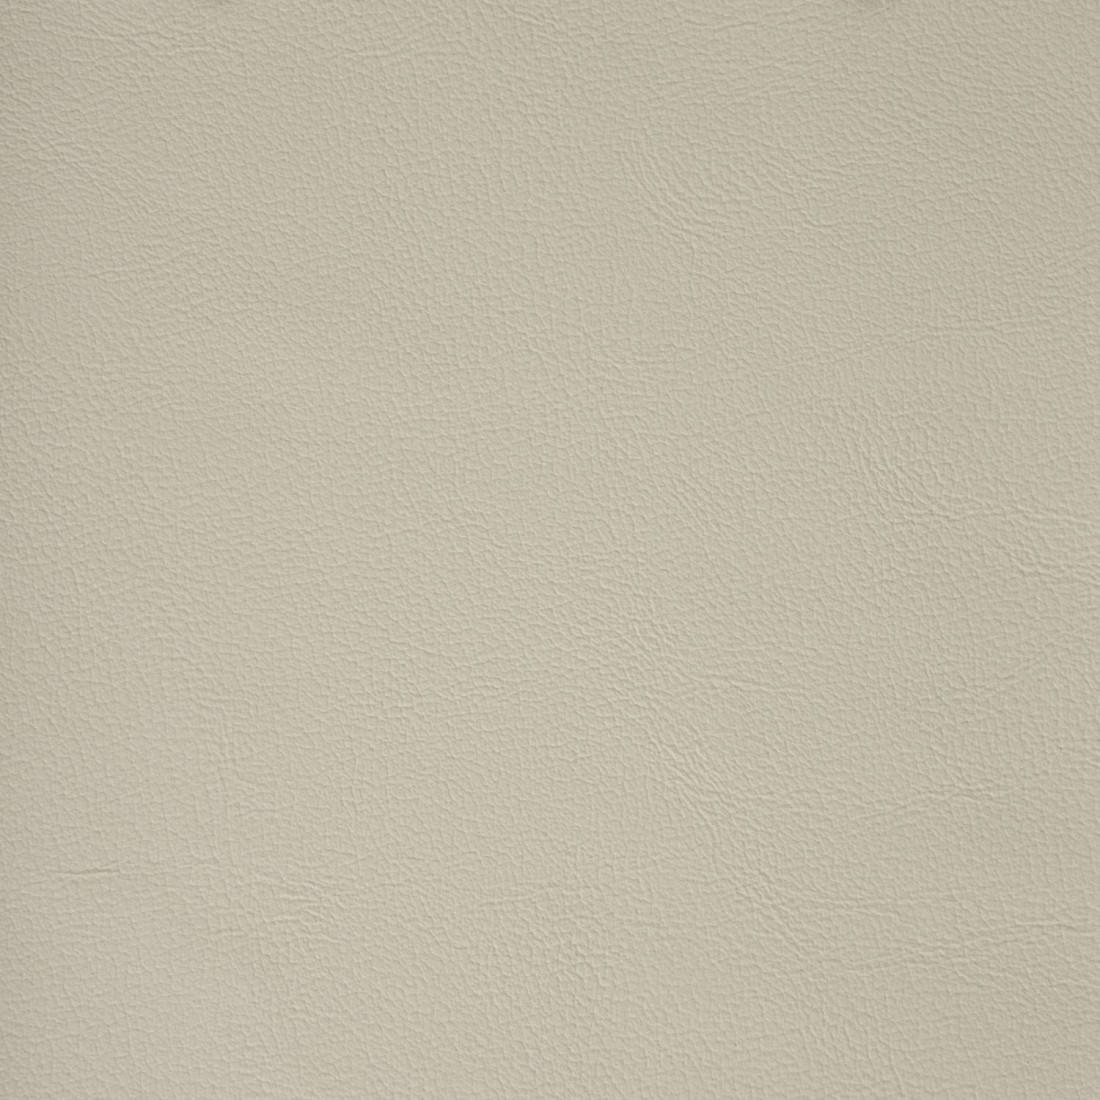 Automotive leather LAND ROVER ® Coloris Gris sable